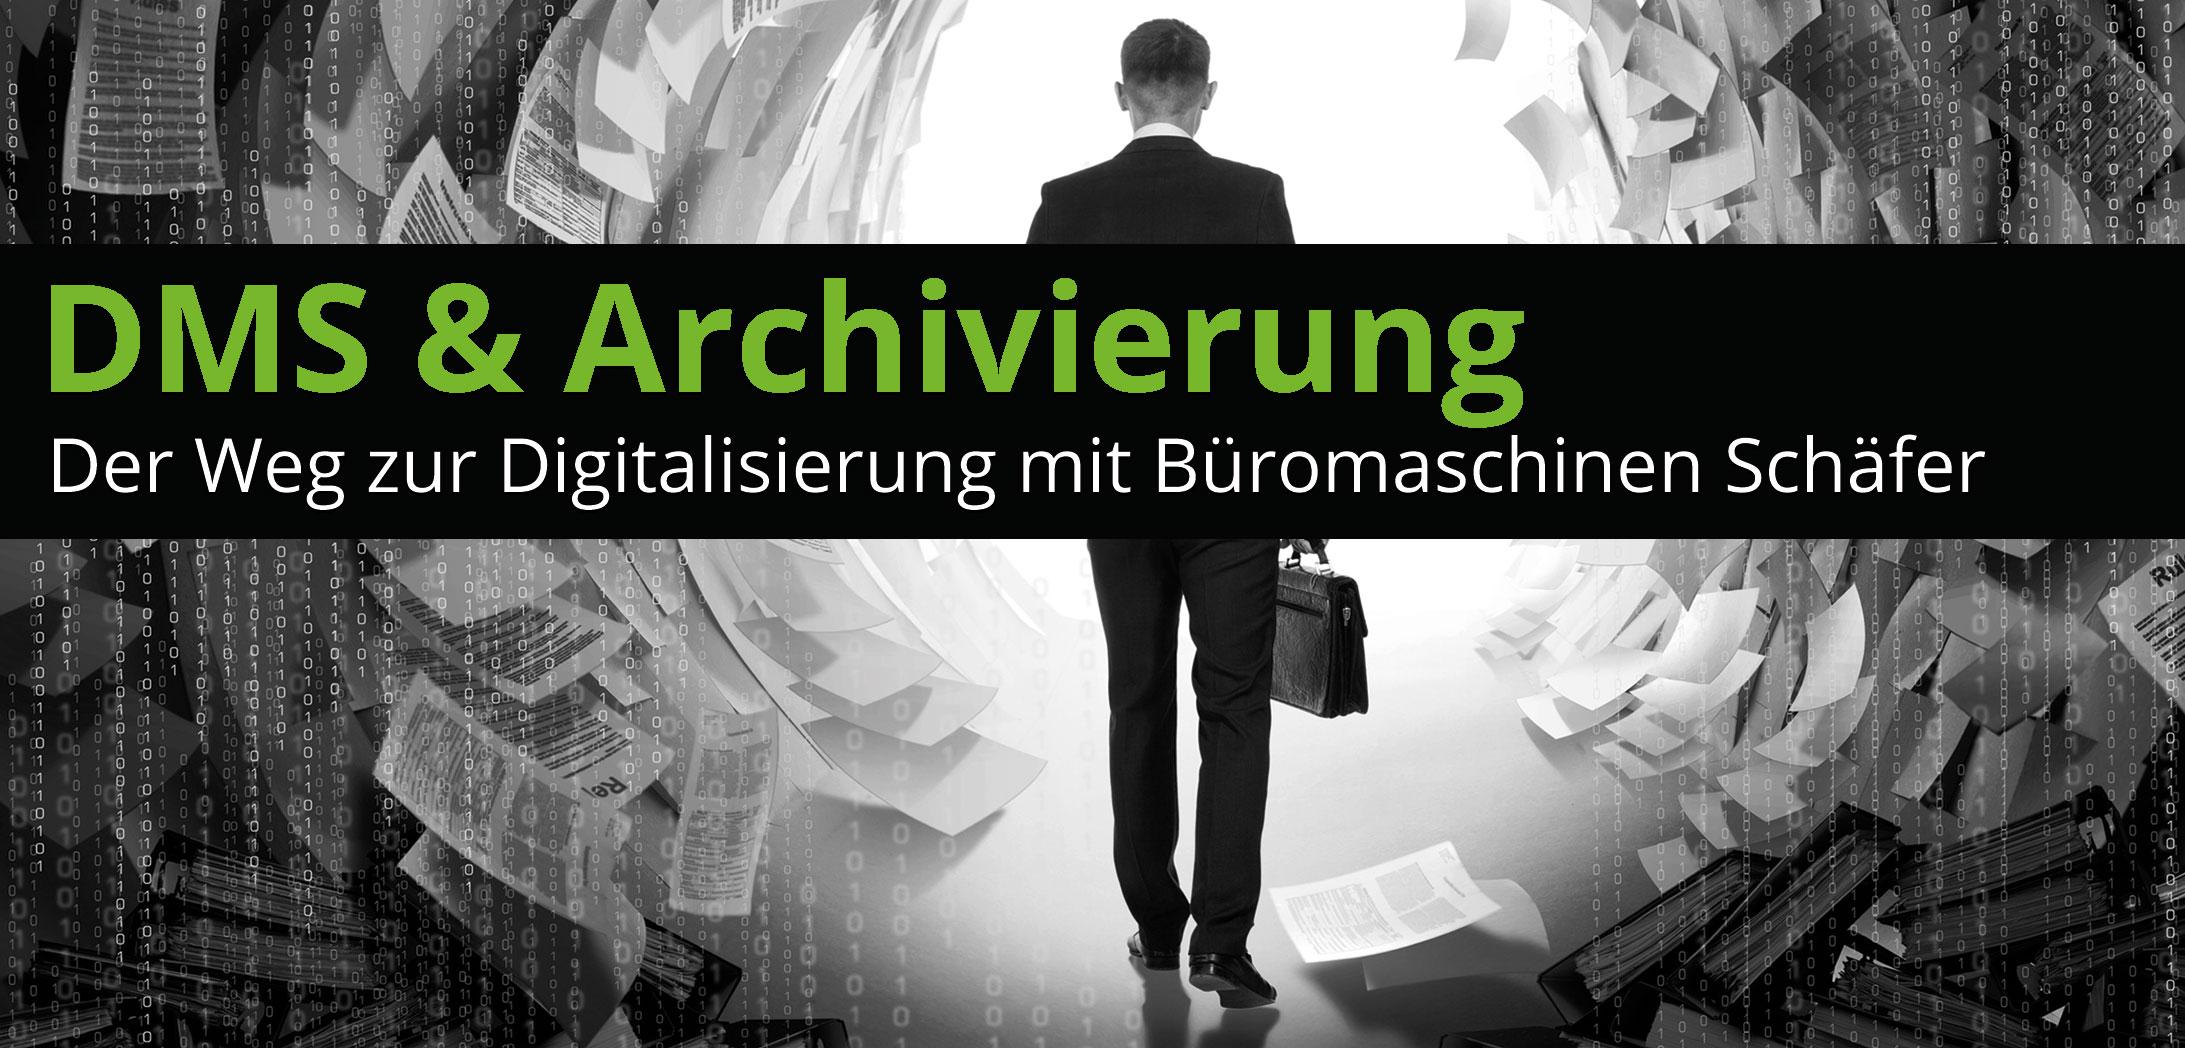 Der Weg zur Digitalisierung mit Büromaschinen Schäfer - Bild